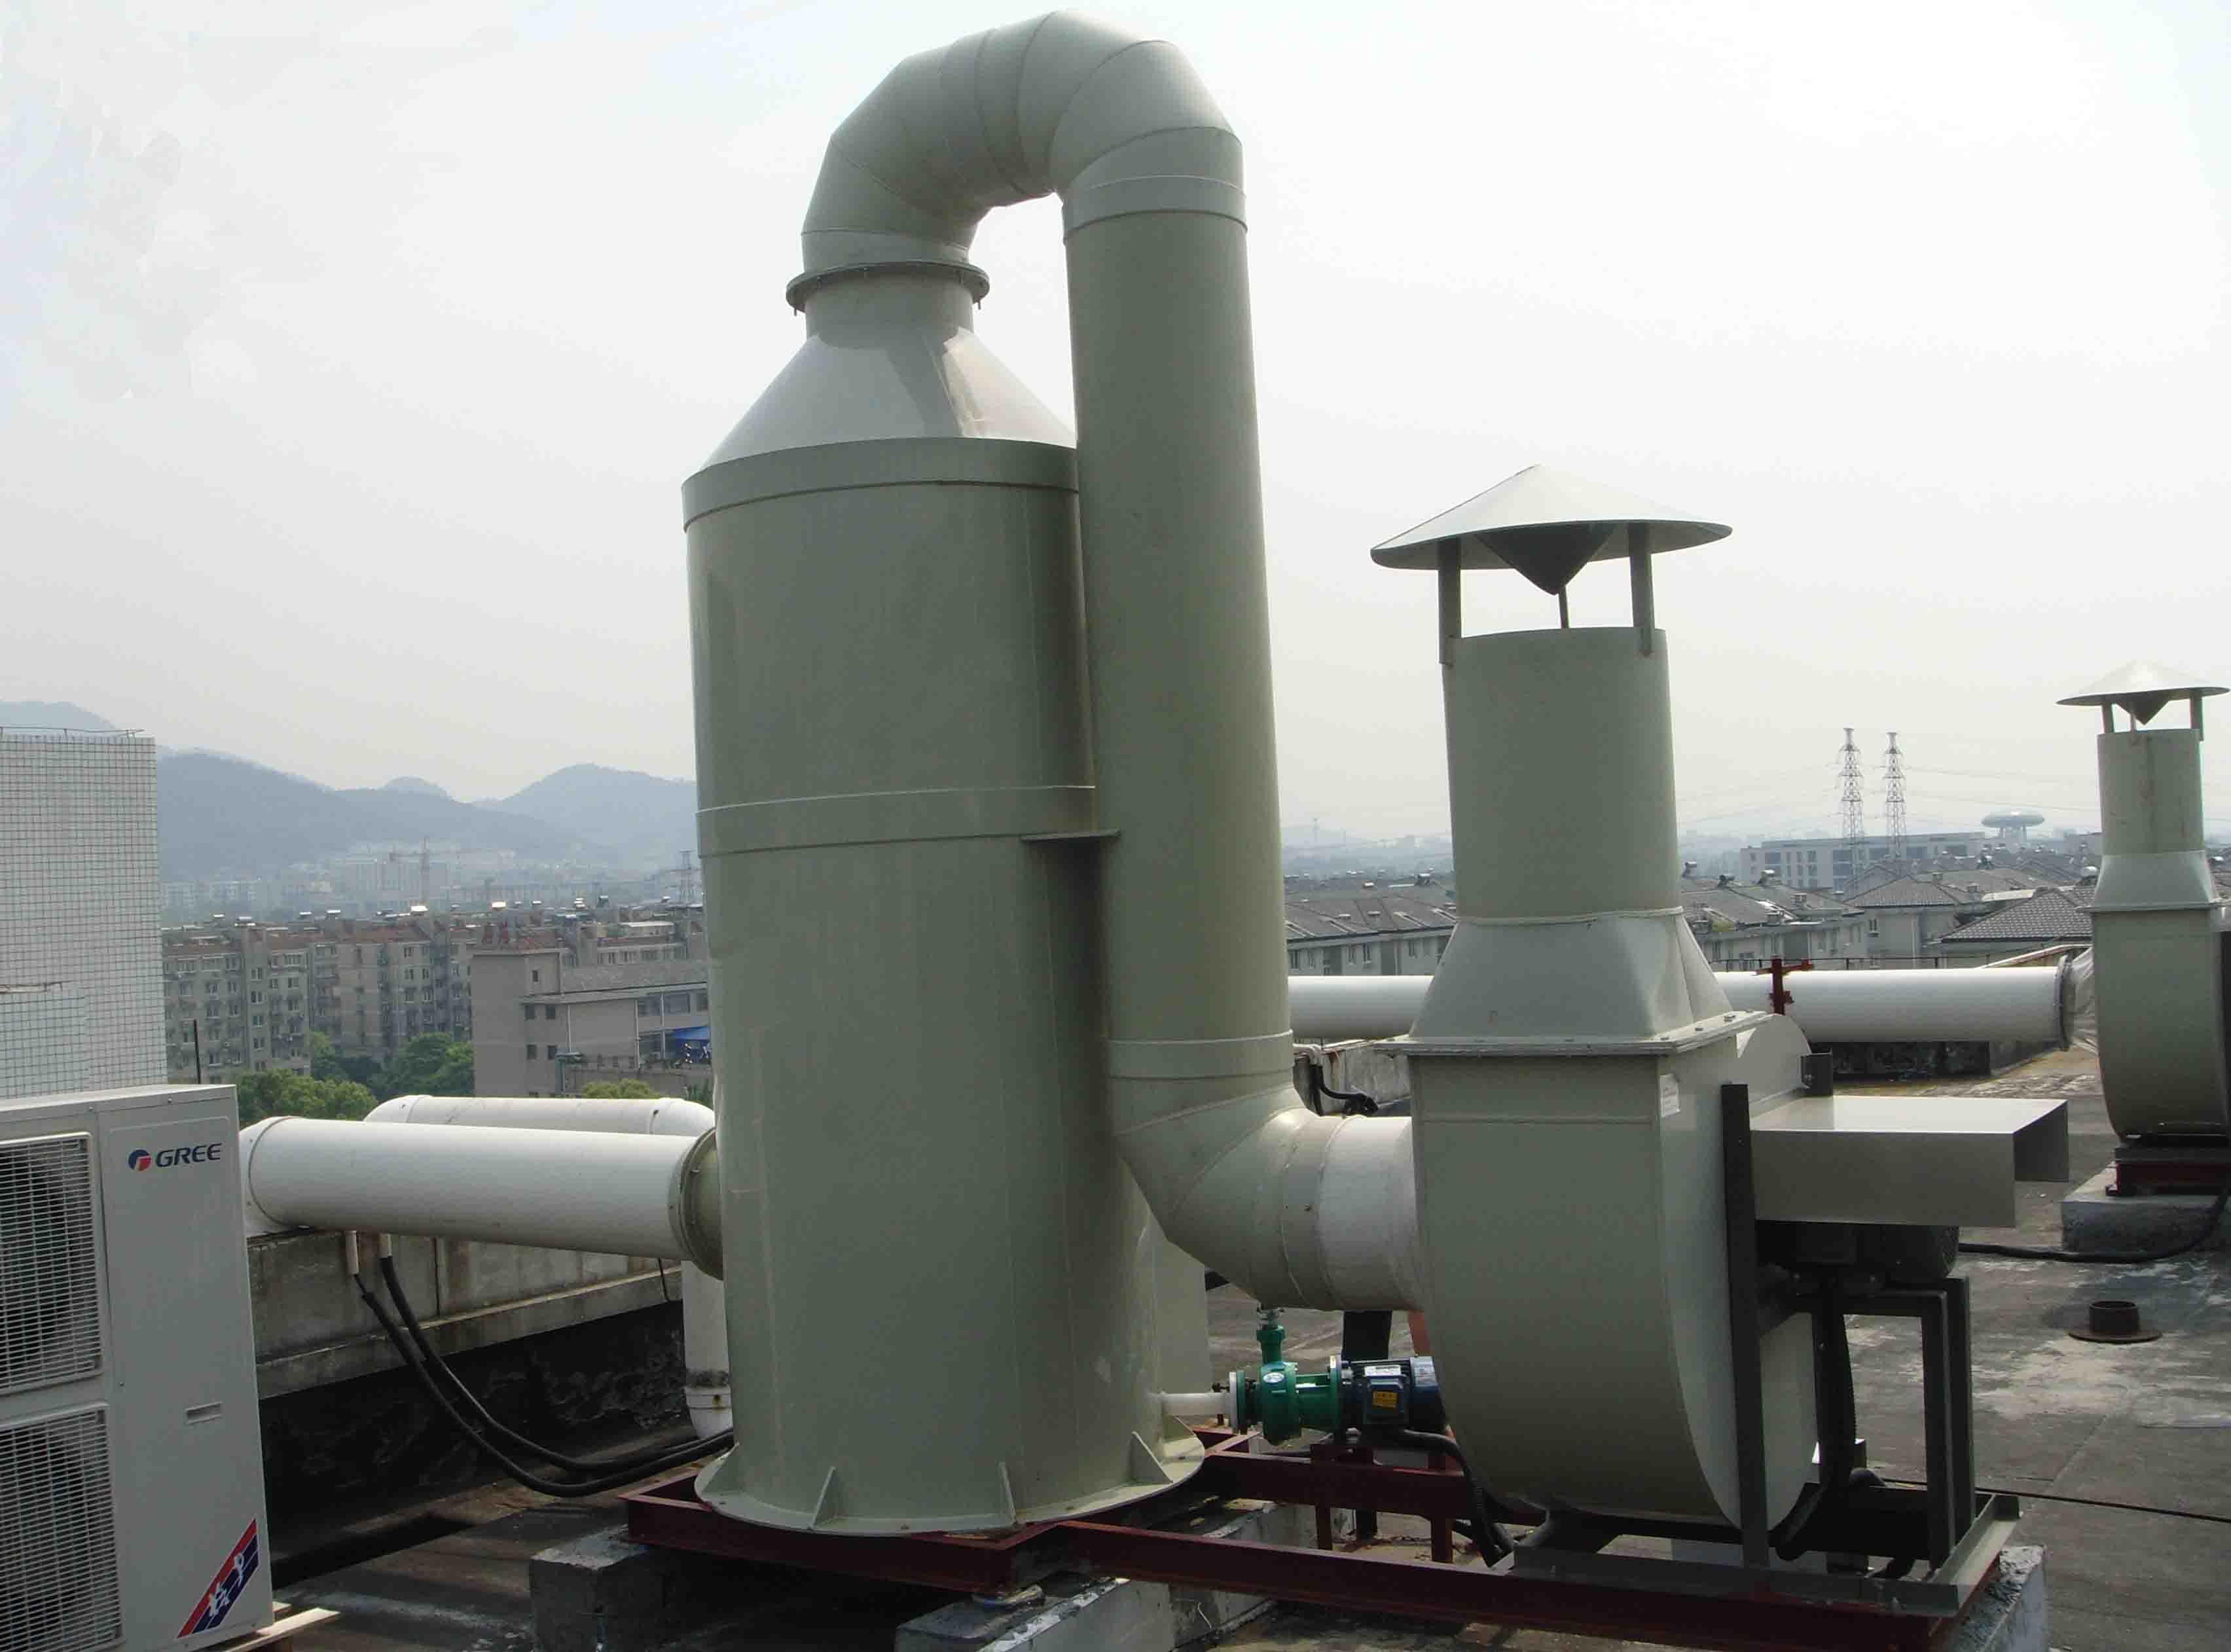 酸雾吸收塔-废气处理成套设备-杭州泷赢环境科技有限